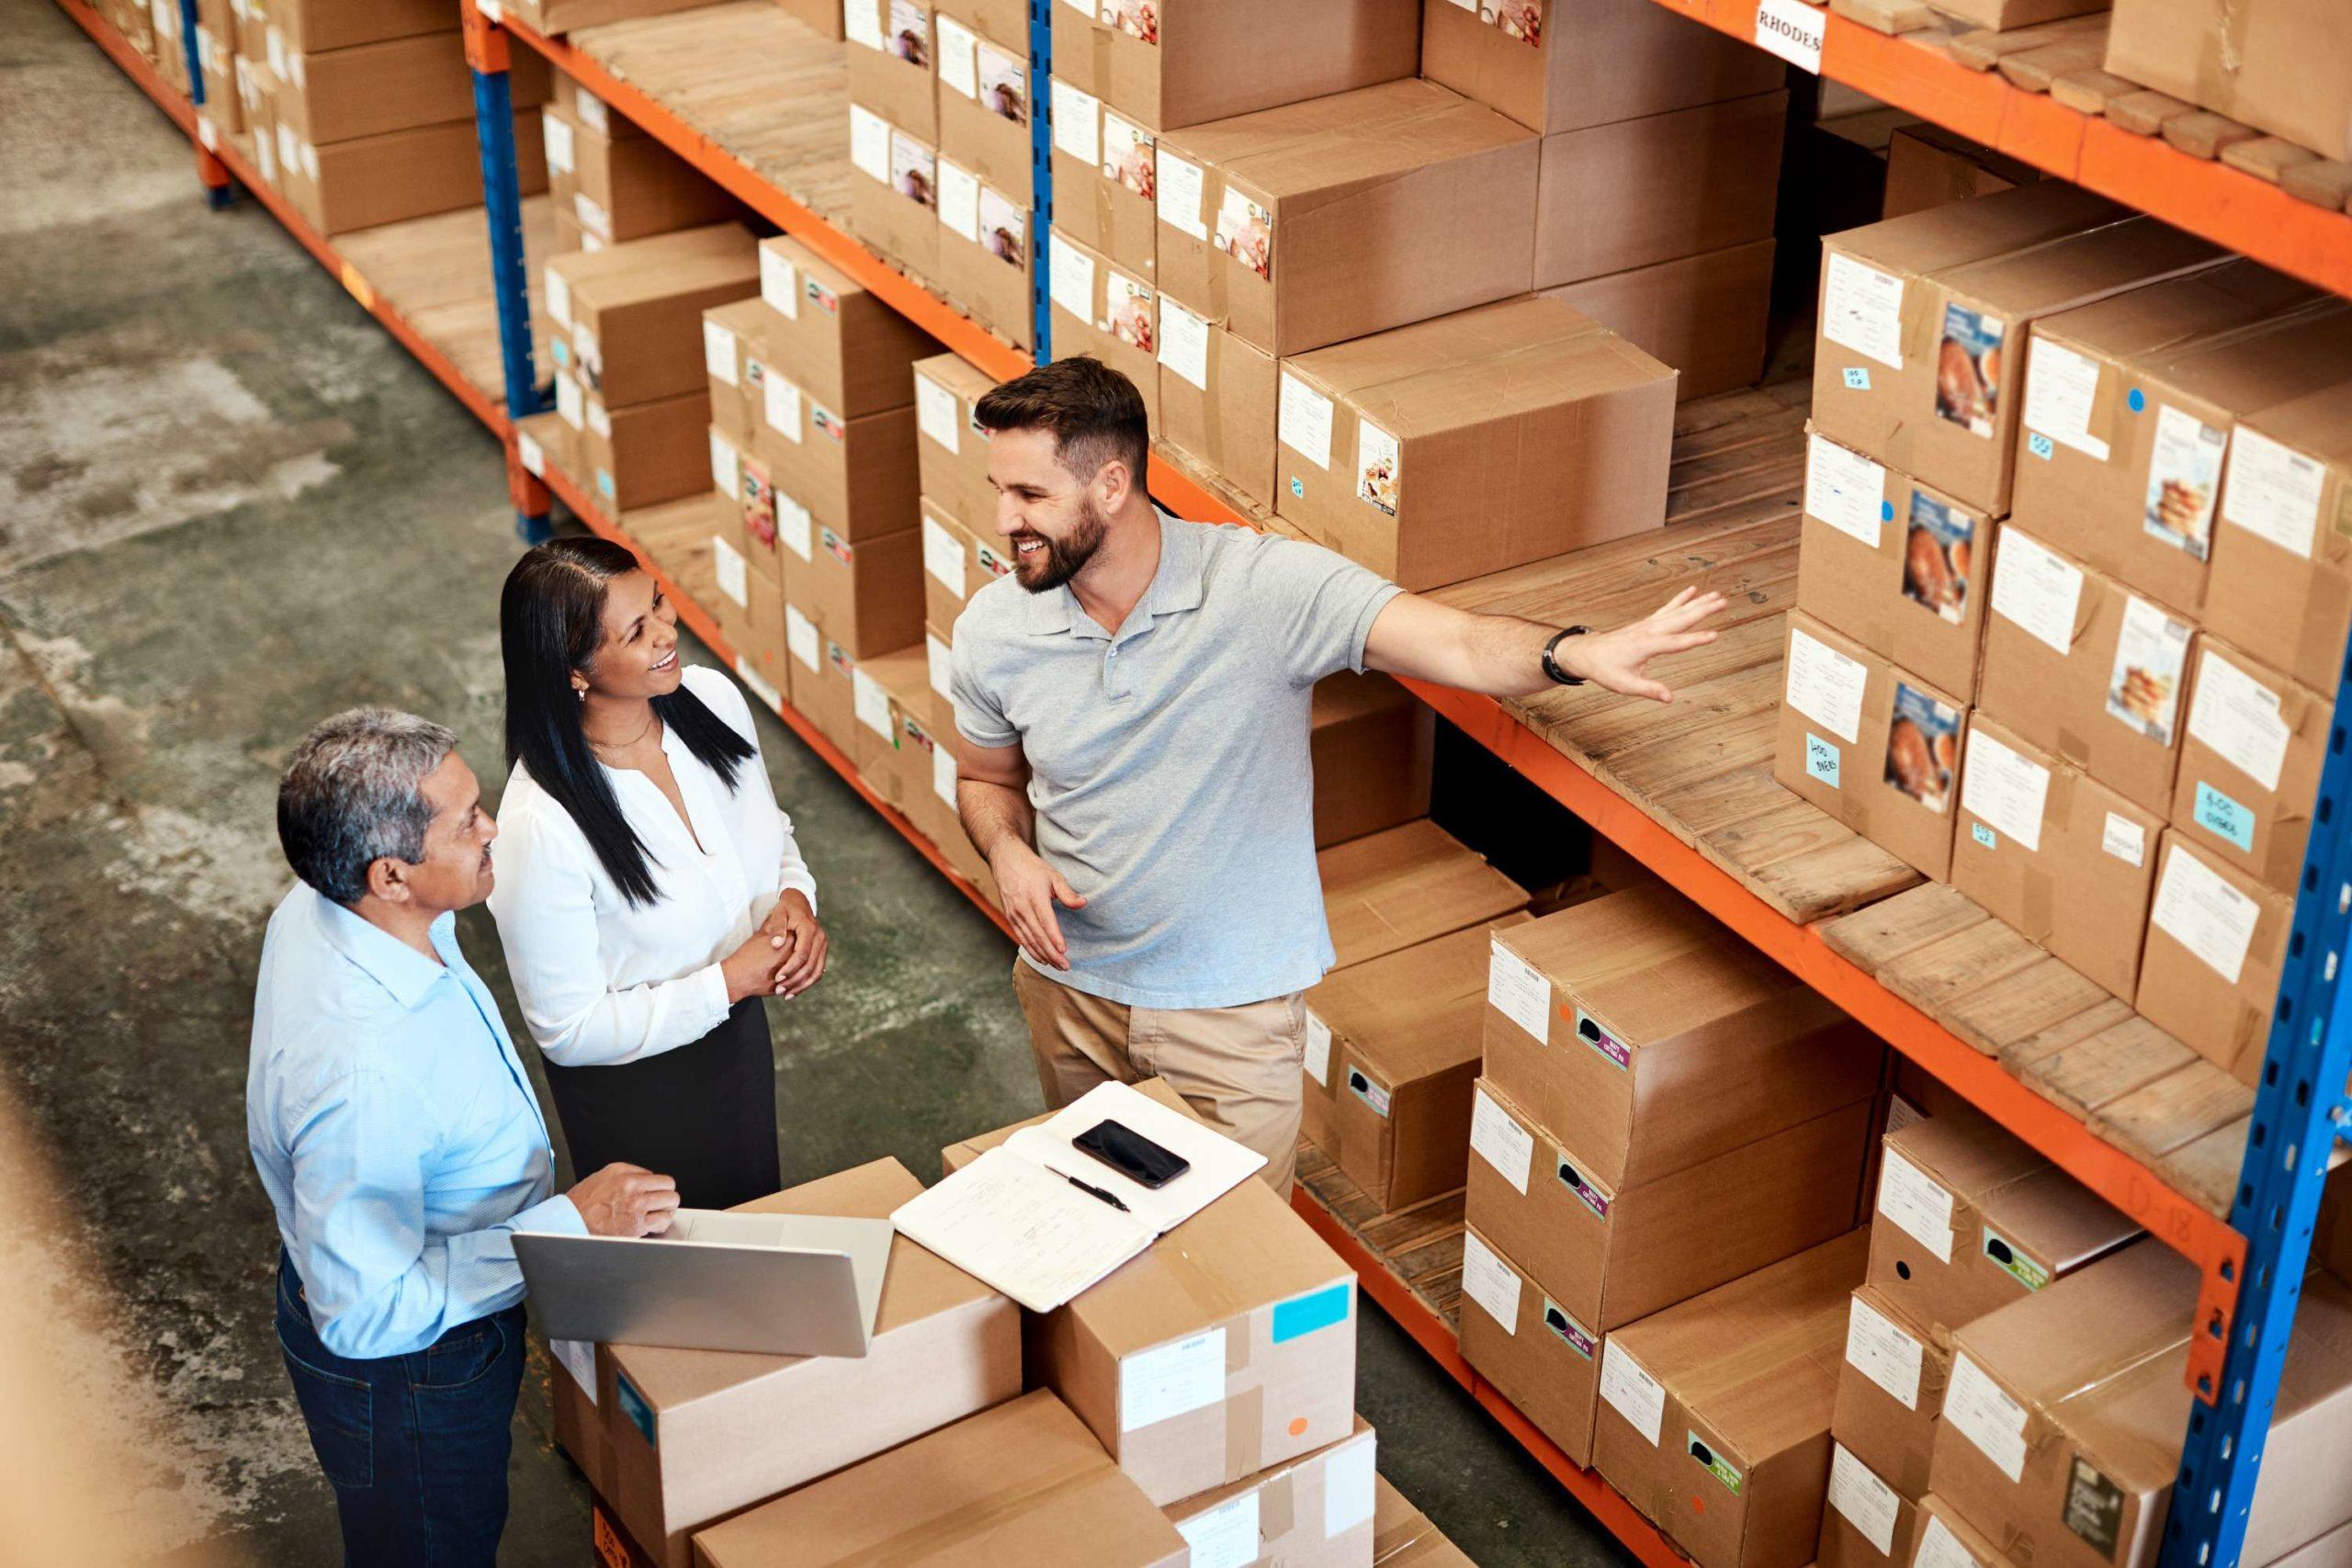 dicas para evitar fraudes em armazem de carga